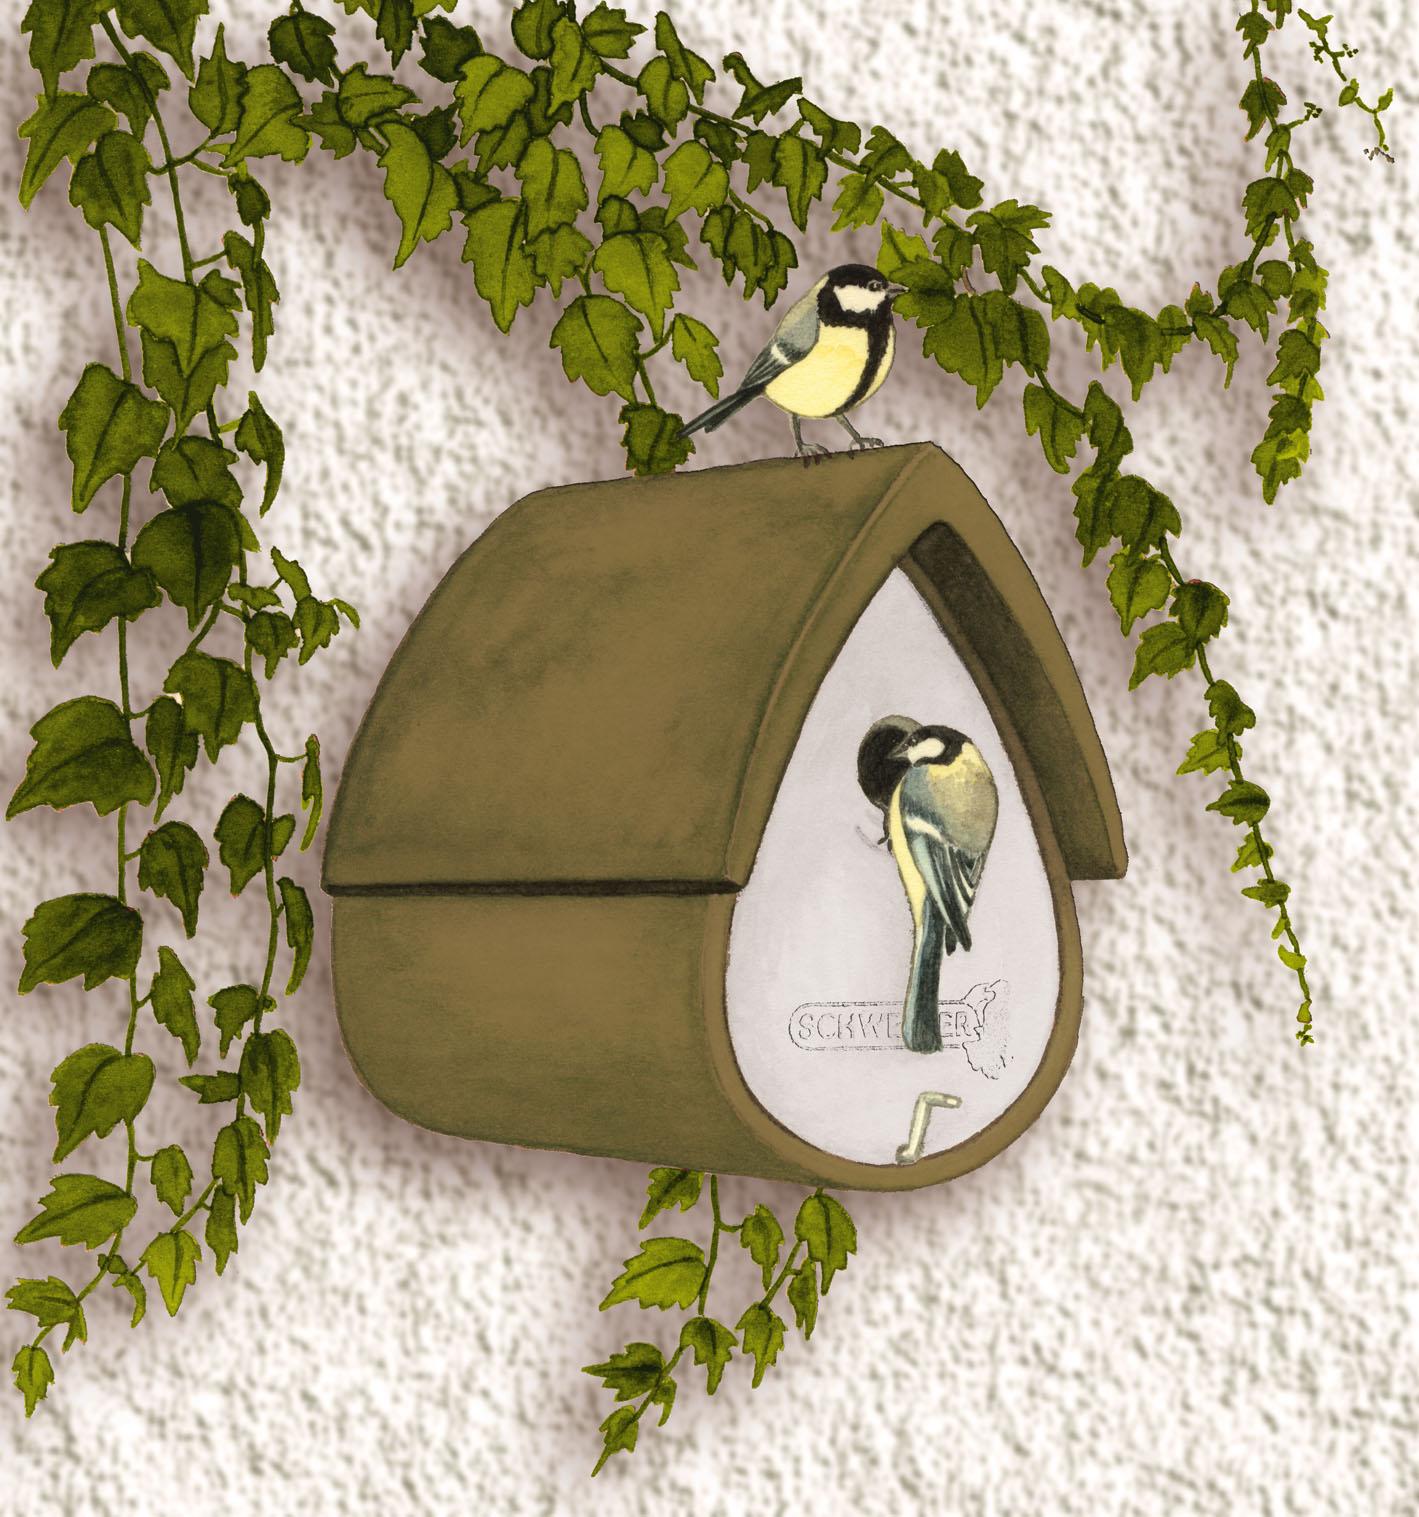 schwegler meisenresidenz 1mr gr n vogel und naturschutzprodukte einfach online kaufen. Black Bedroom Furniture Sets. Home Design Ideas